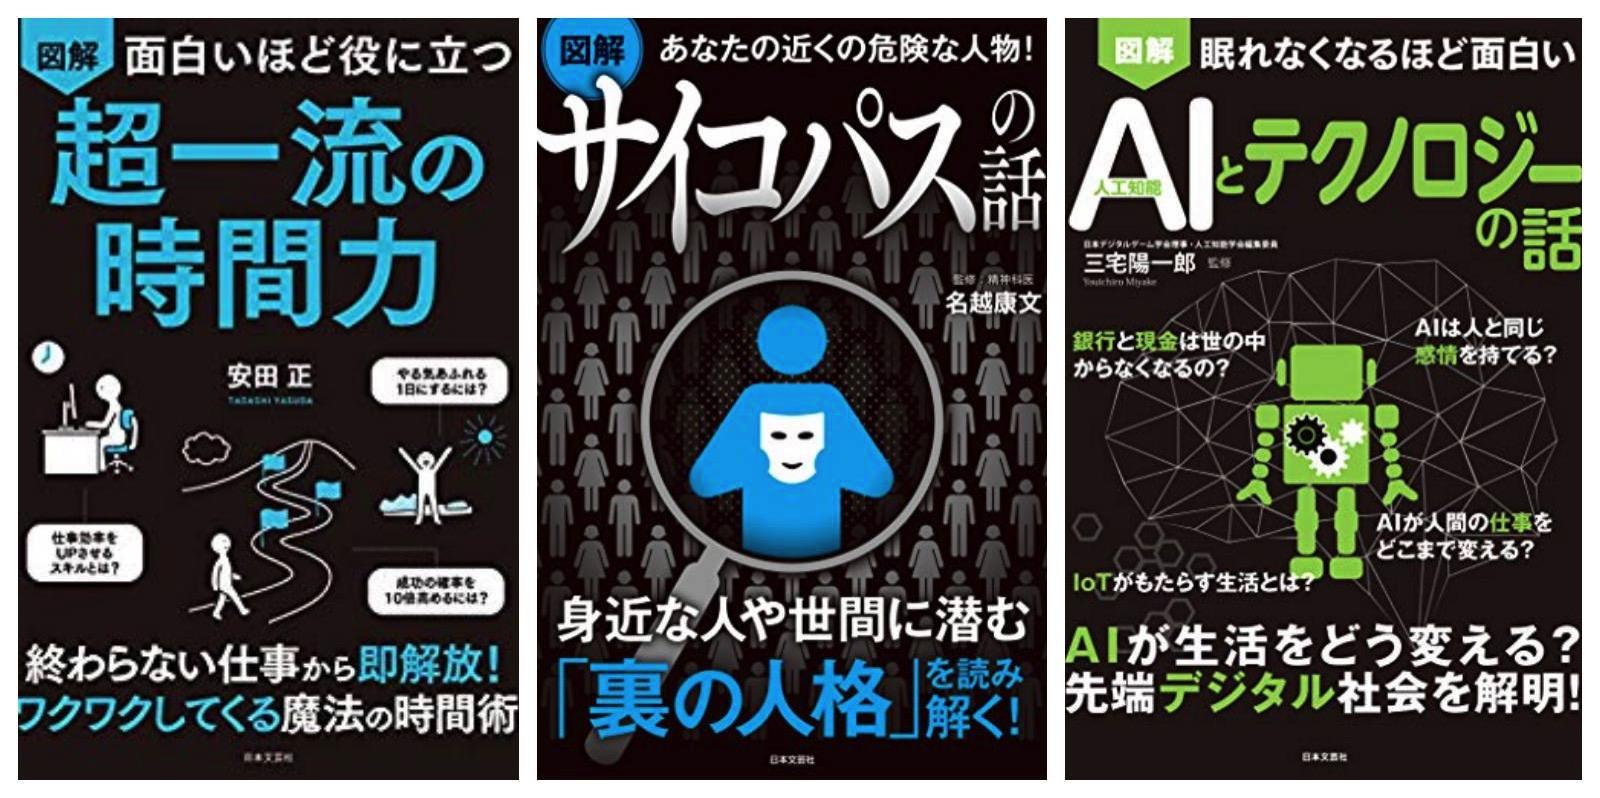 Jitsuyosho-Fair.jpg